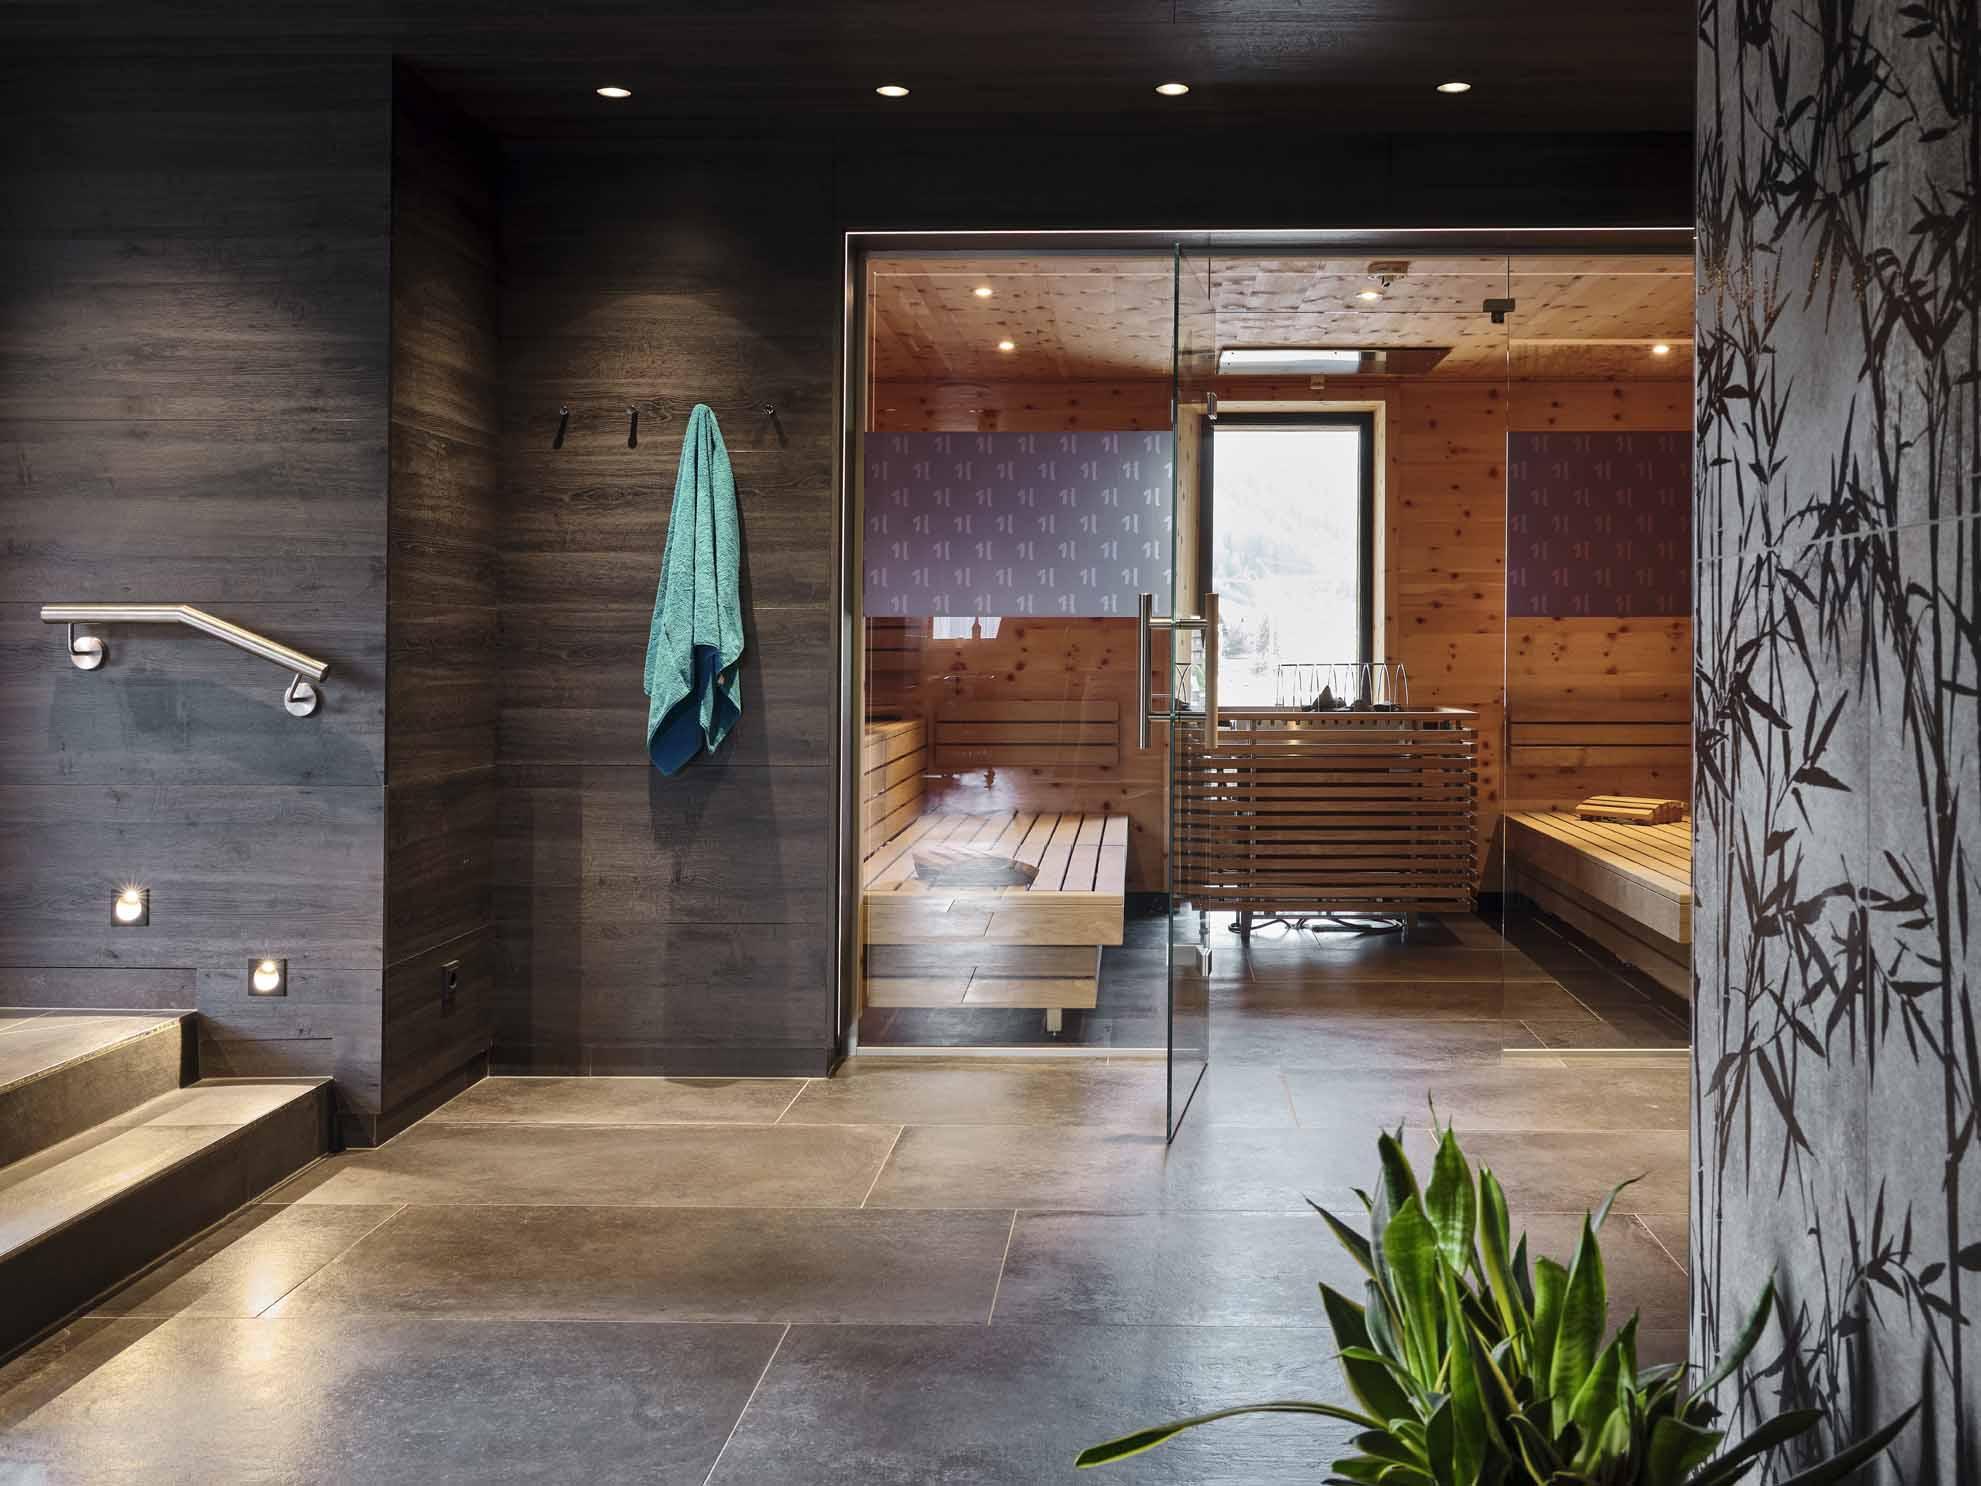 Die Sauna im Hasenauer mit offener Glastüre und einem blauen Handtuch links neben der Türe